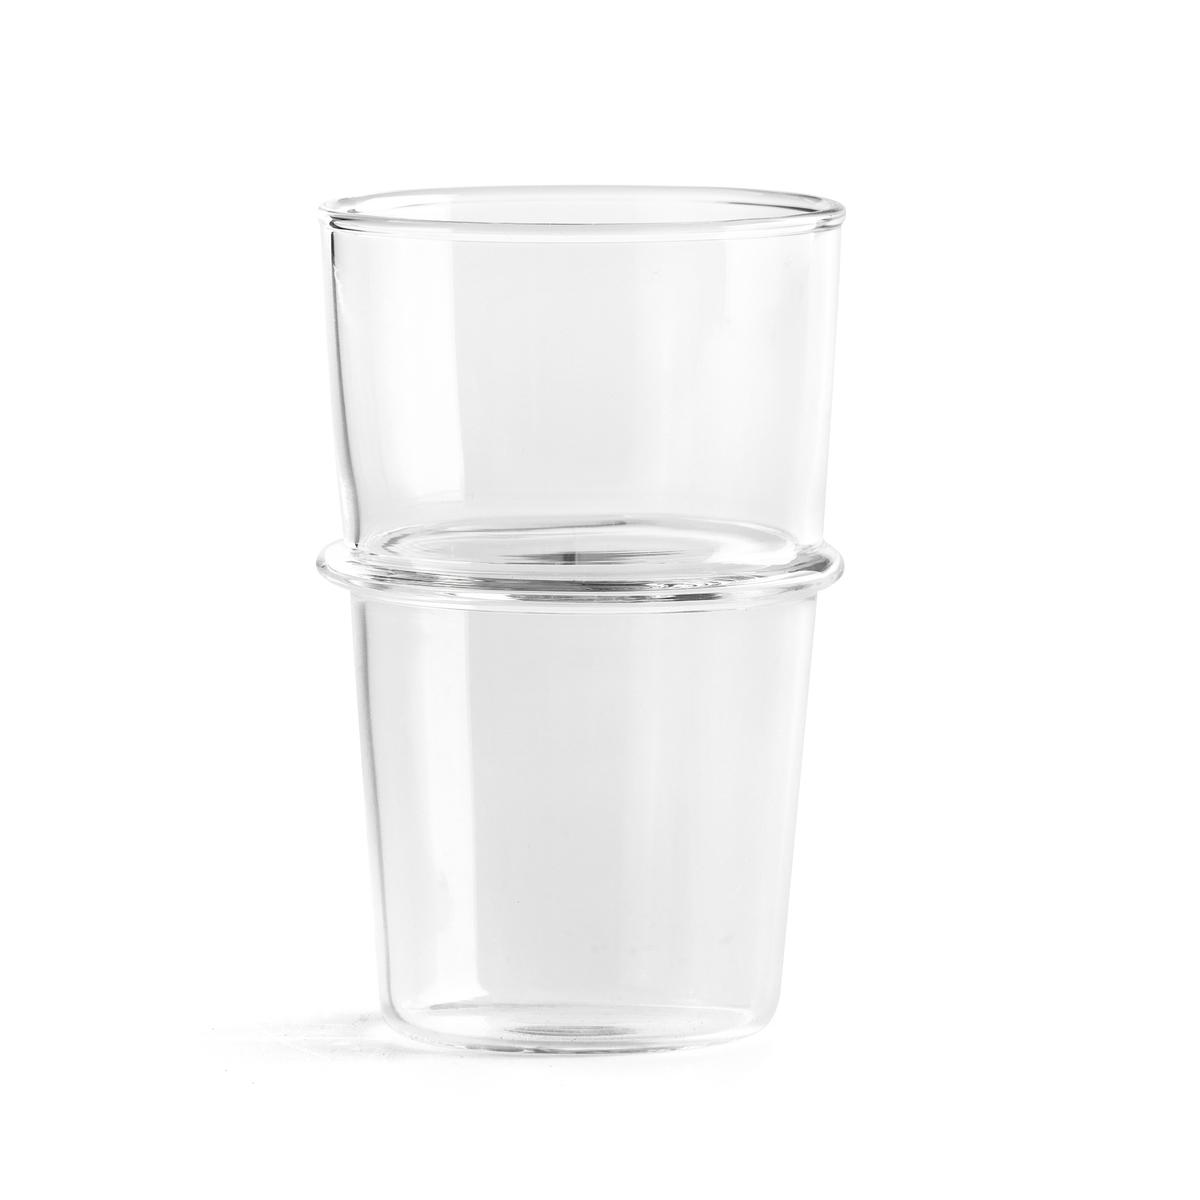 Бокала La Redoute BELOS единый размер другие бокала la redoute для шампанского lurik единый размер другие